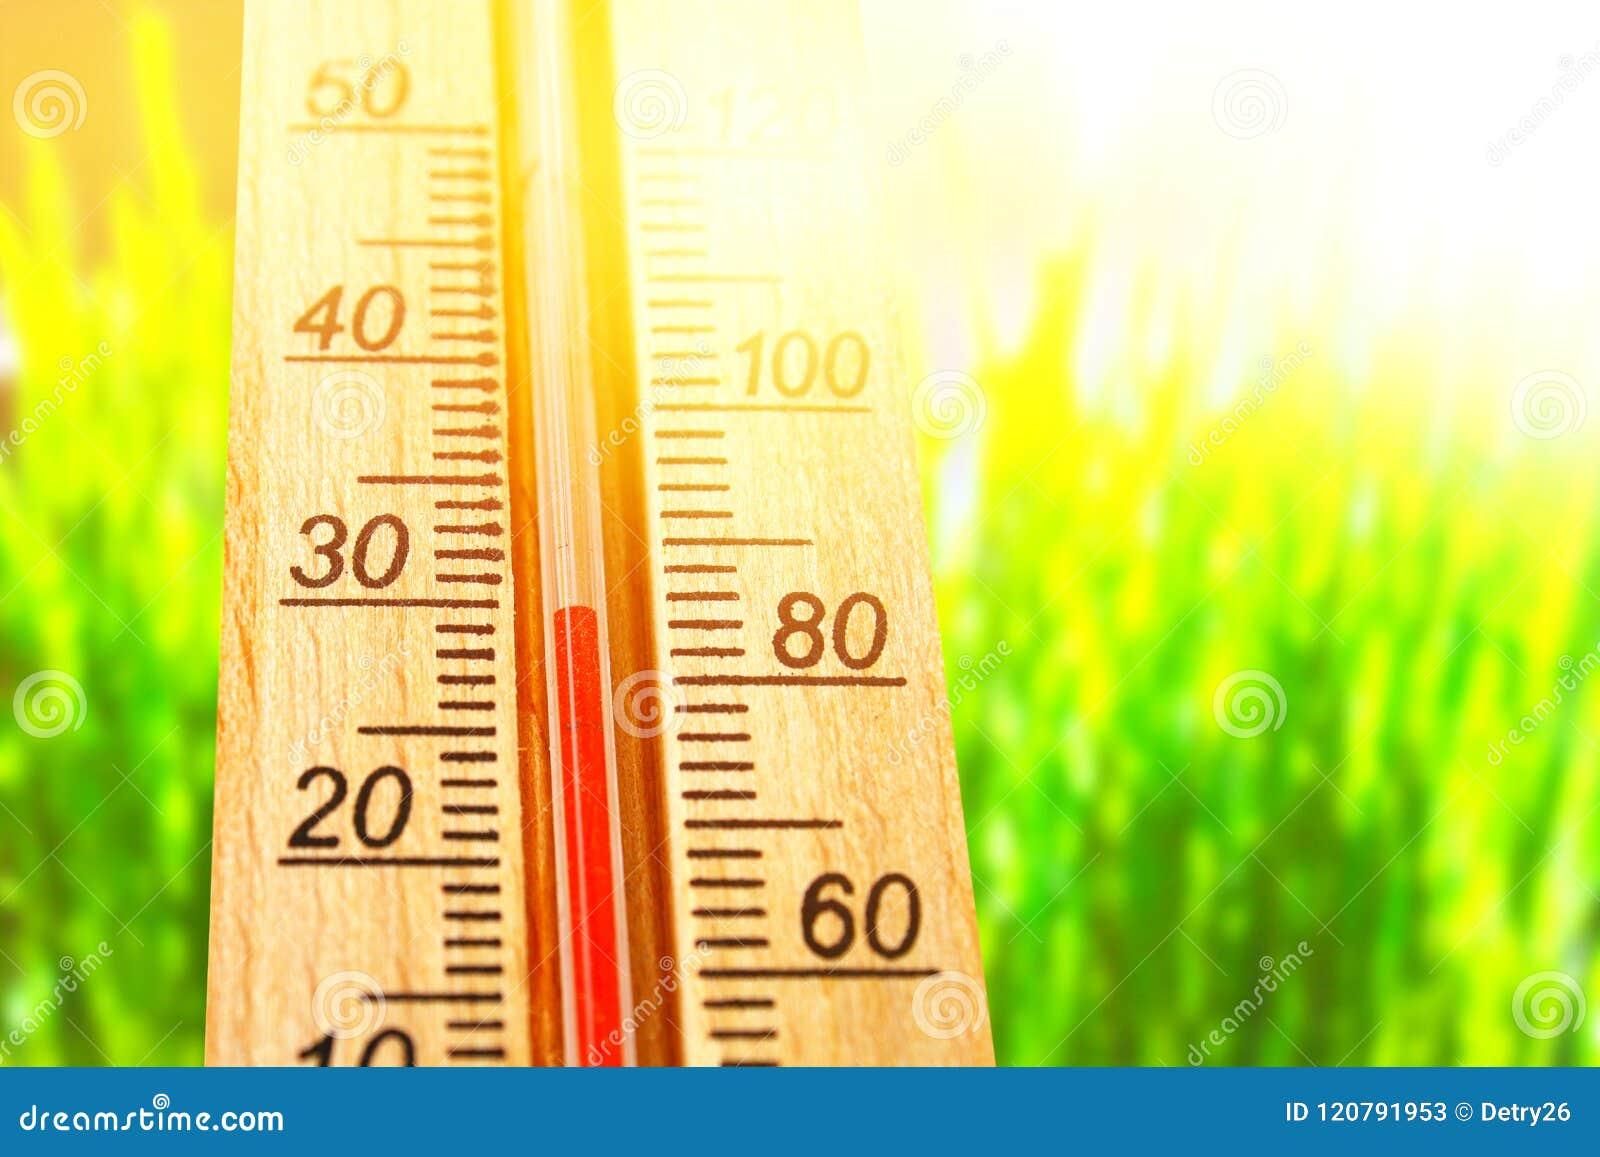 Termometr wystawia wysokość 30 stopni gorące temperatury w słońce letnim dniu